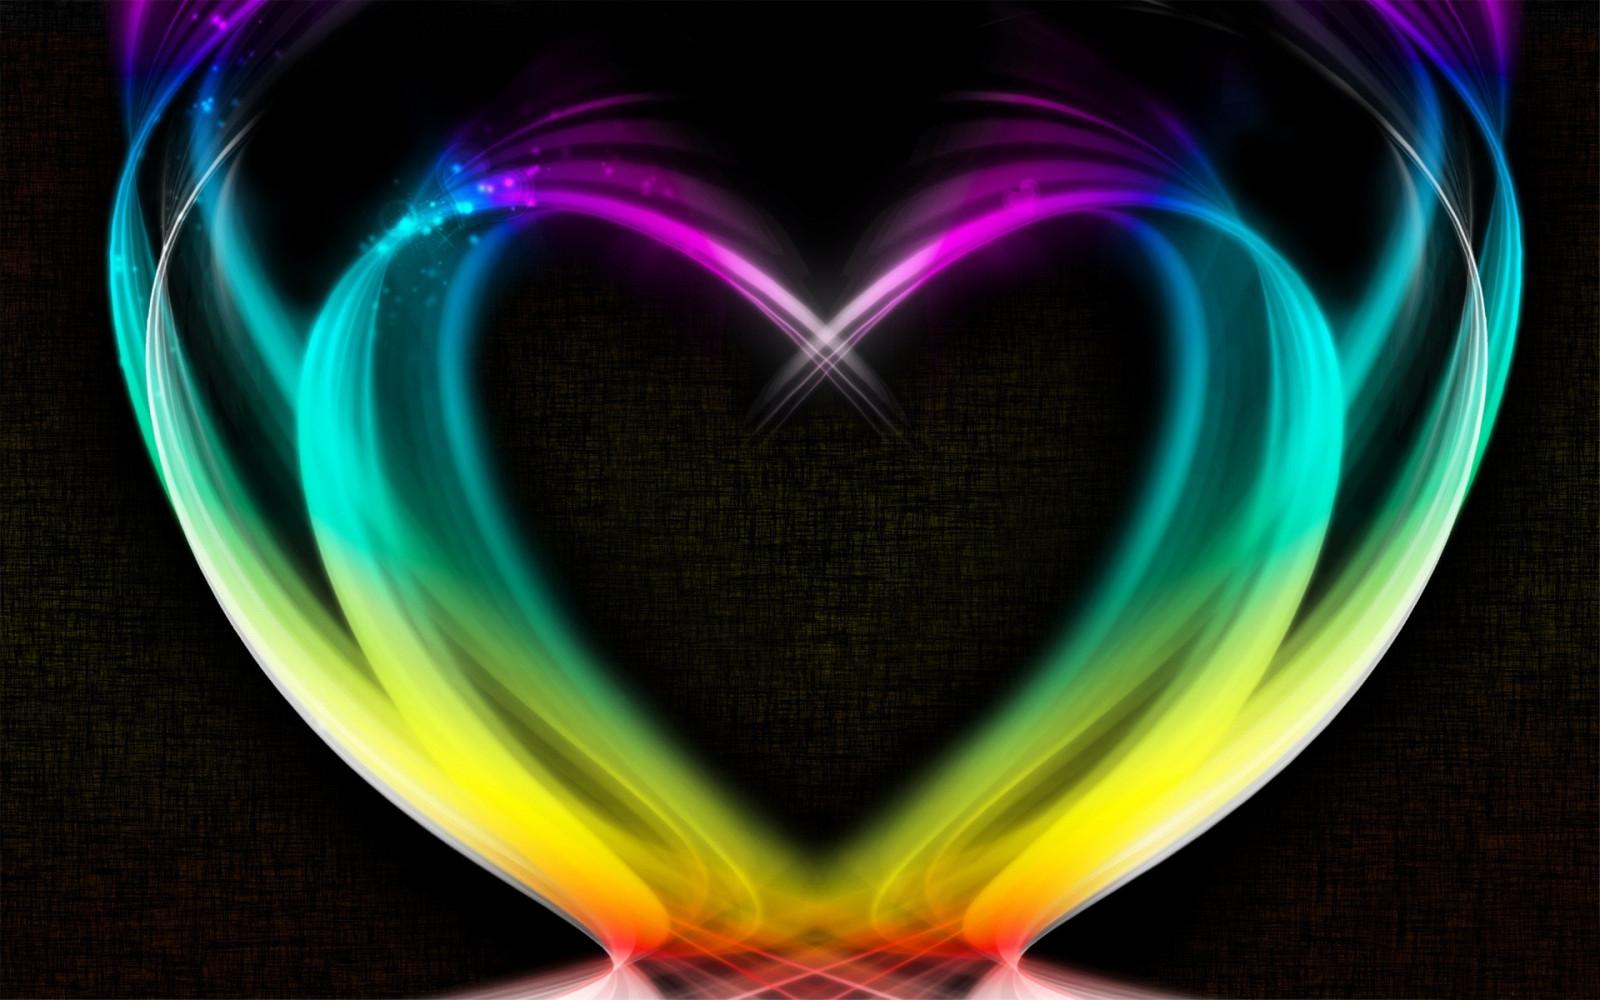 Смотреть картинки сердечки разноцветные анимации, почерк открытки картинки